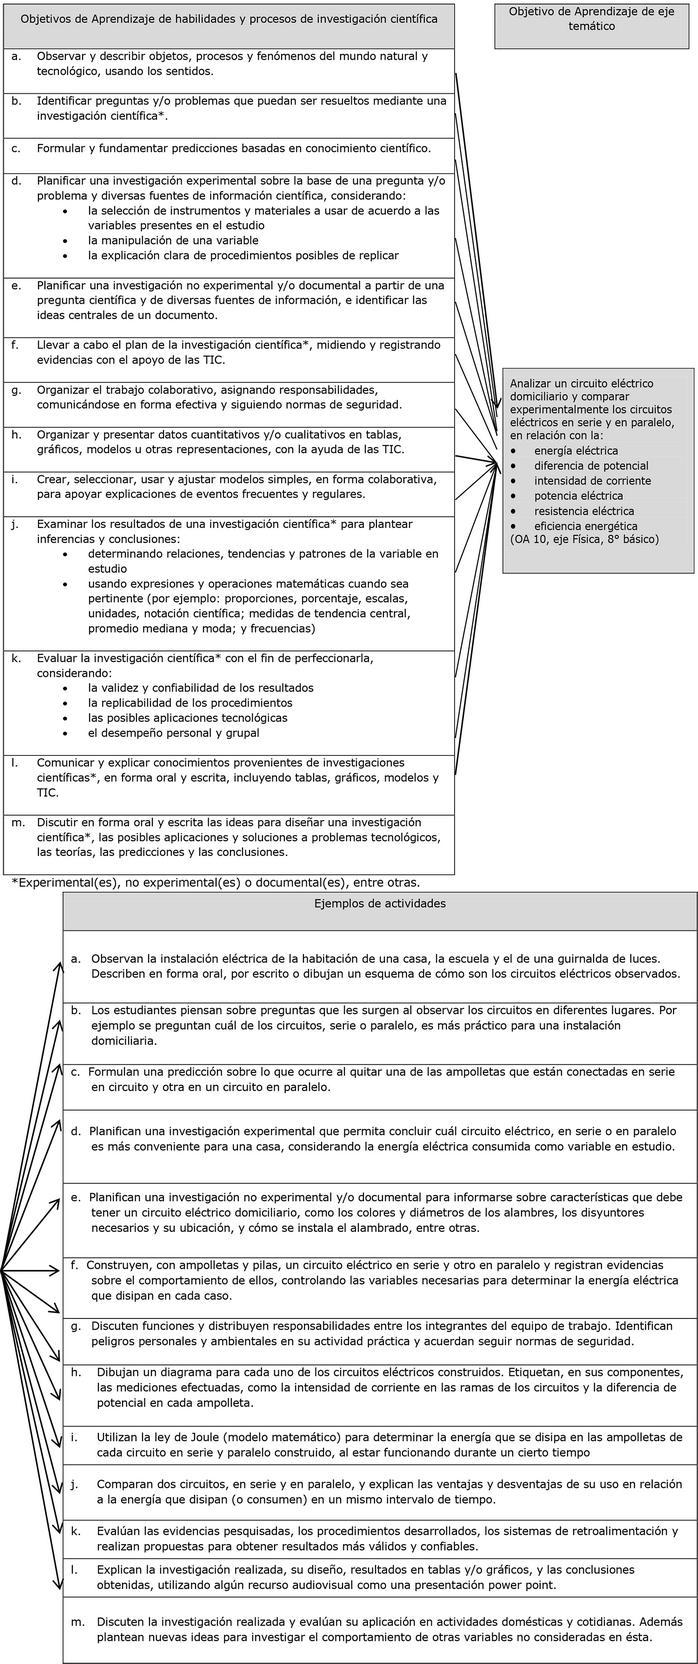 DTO-614 04-MAR-2014 MINISTERIO DE EDUCACIÓN - Ley Chile - Biblioteca ...